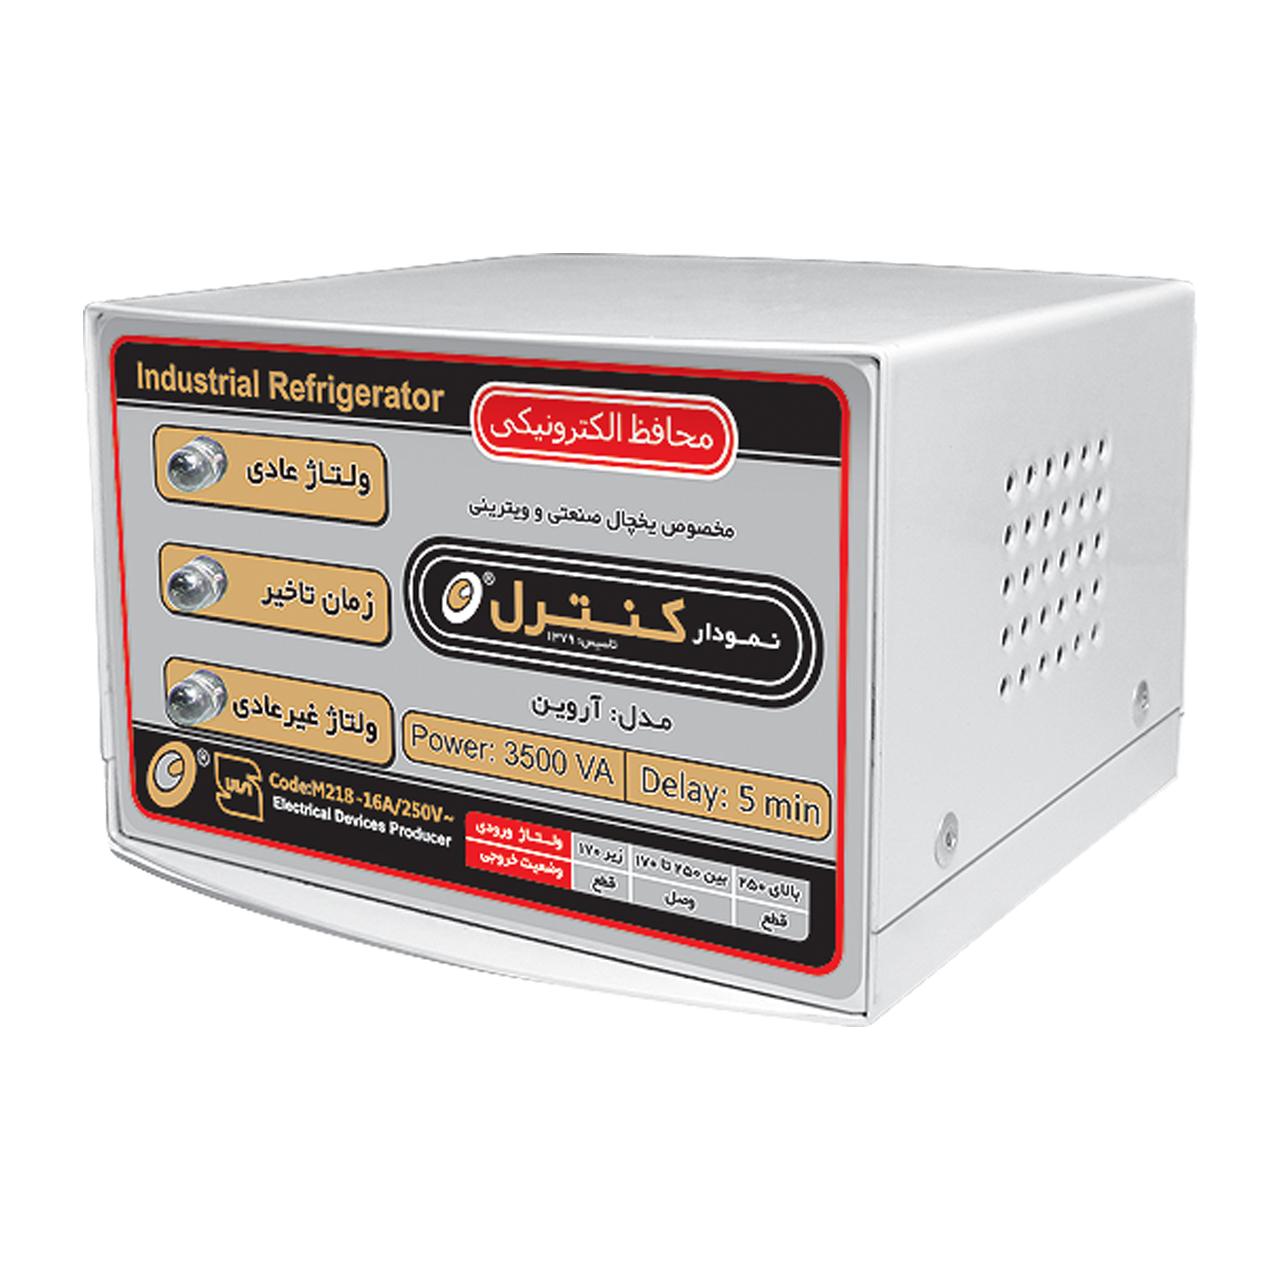 محافظ ولتاژ الکترونیکی نمودار کنترل مدل M218 مناسب برای یخچال صنعتی و ویترینی